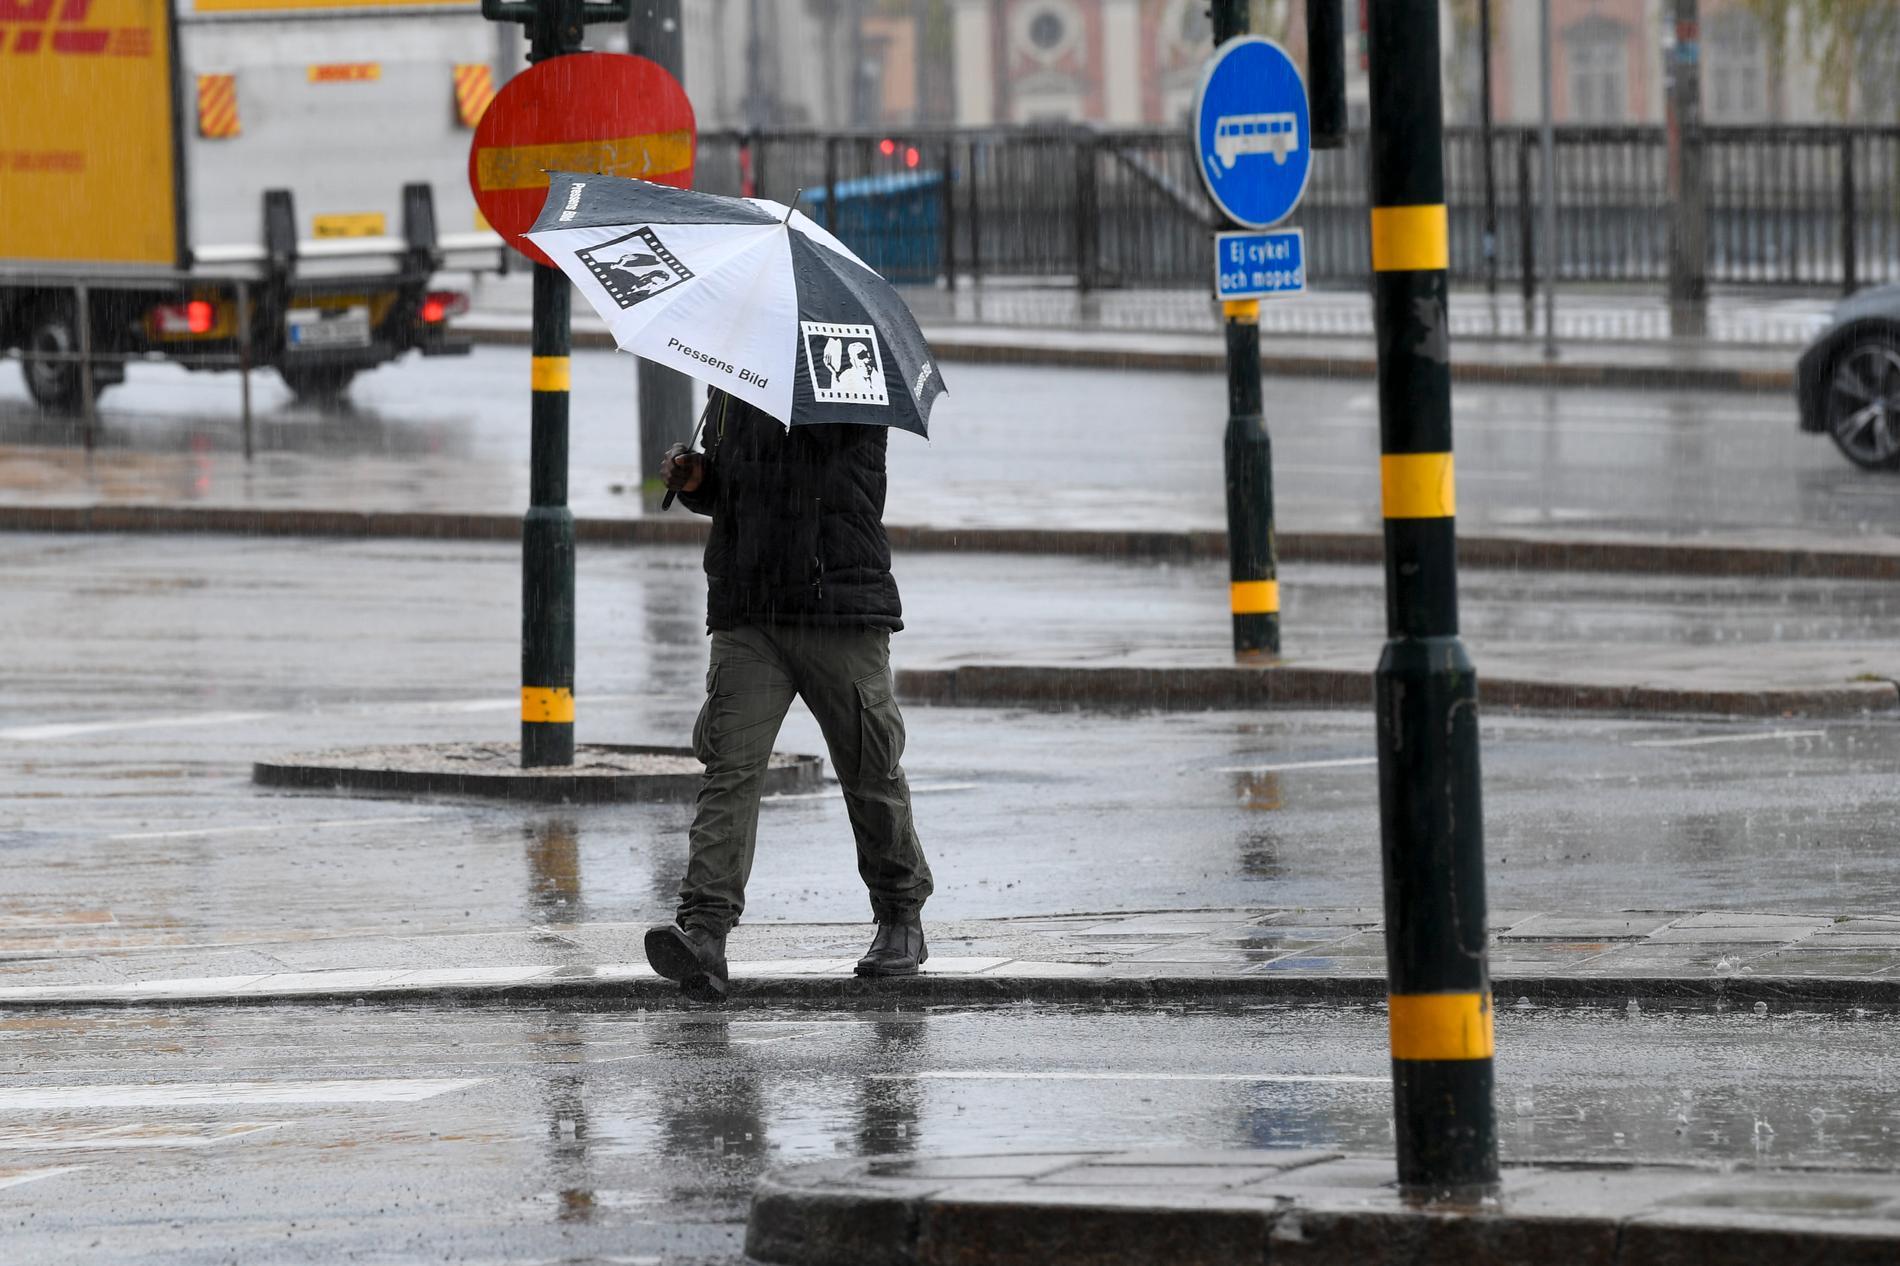 De första paraplyerna uppfanns för flera tusen år sedan och skulle skydda mot den starka solen på sydligare breddgrader. Som tur är får vi nordbor användning för dem än iidag.